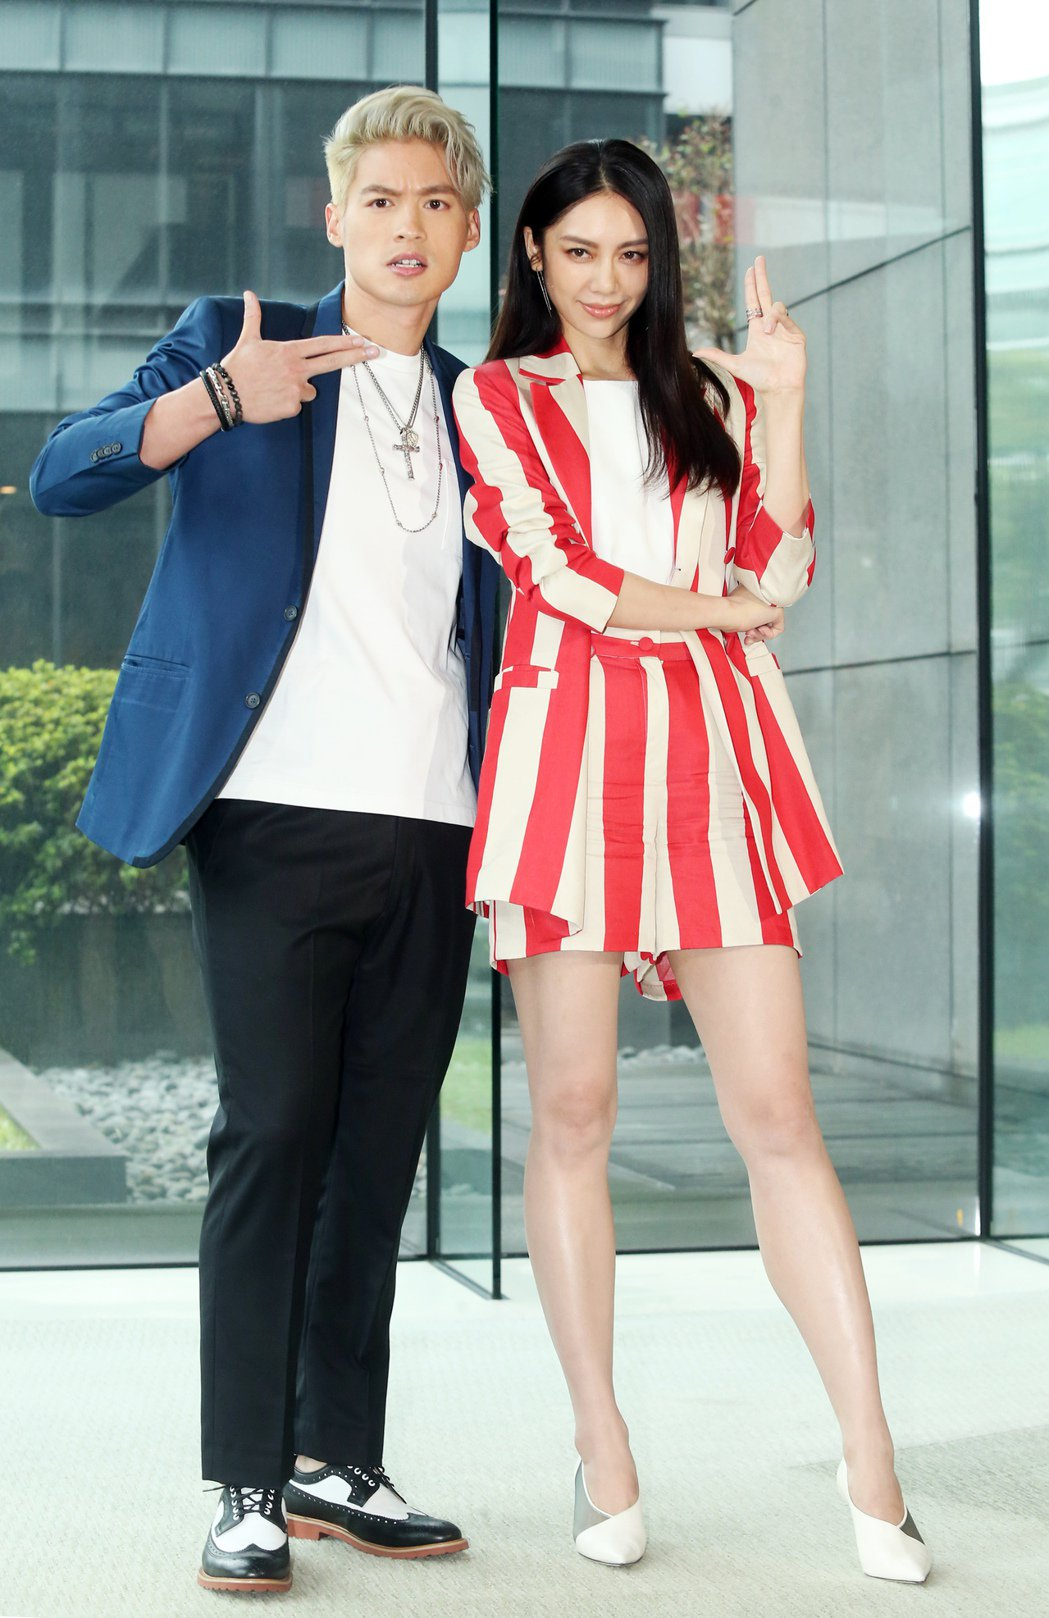 廖奕璇(右)及許孟哲(左)昨天出席台視、三立新週日偶像劇《浪漫輸給你》第二波卡司...